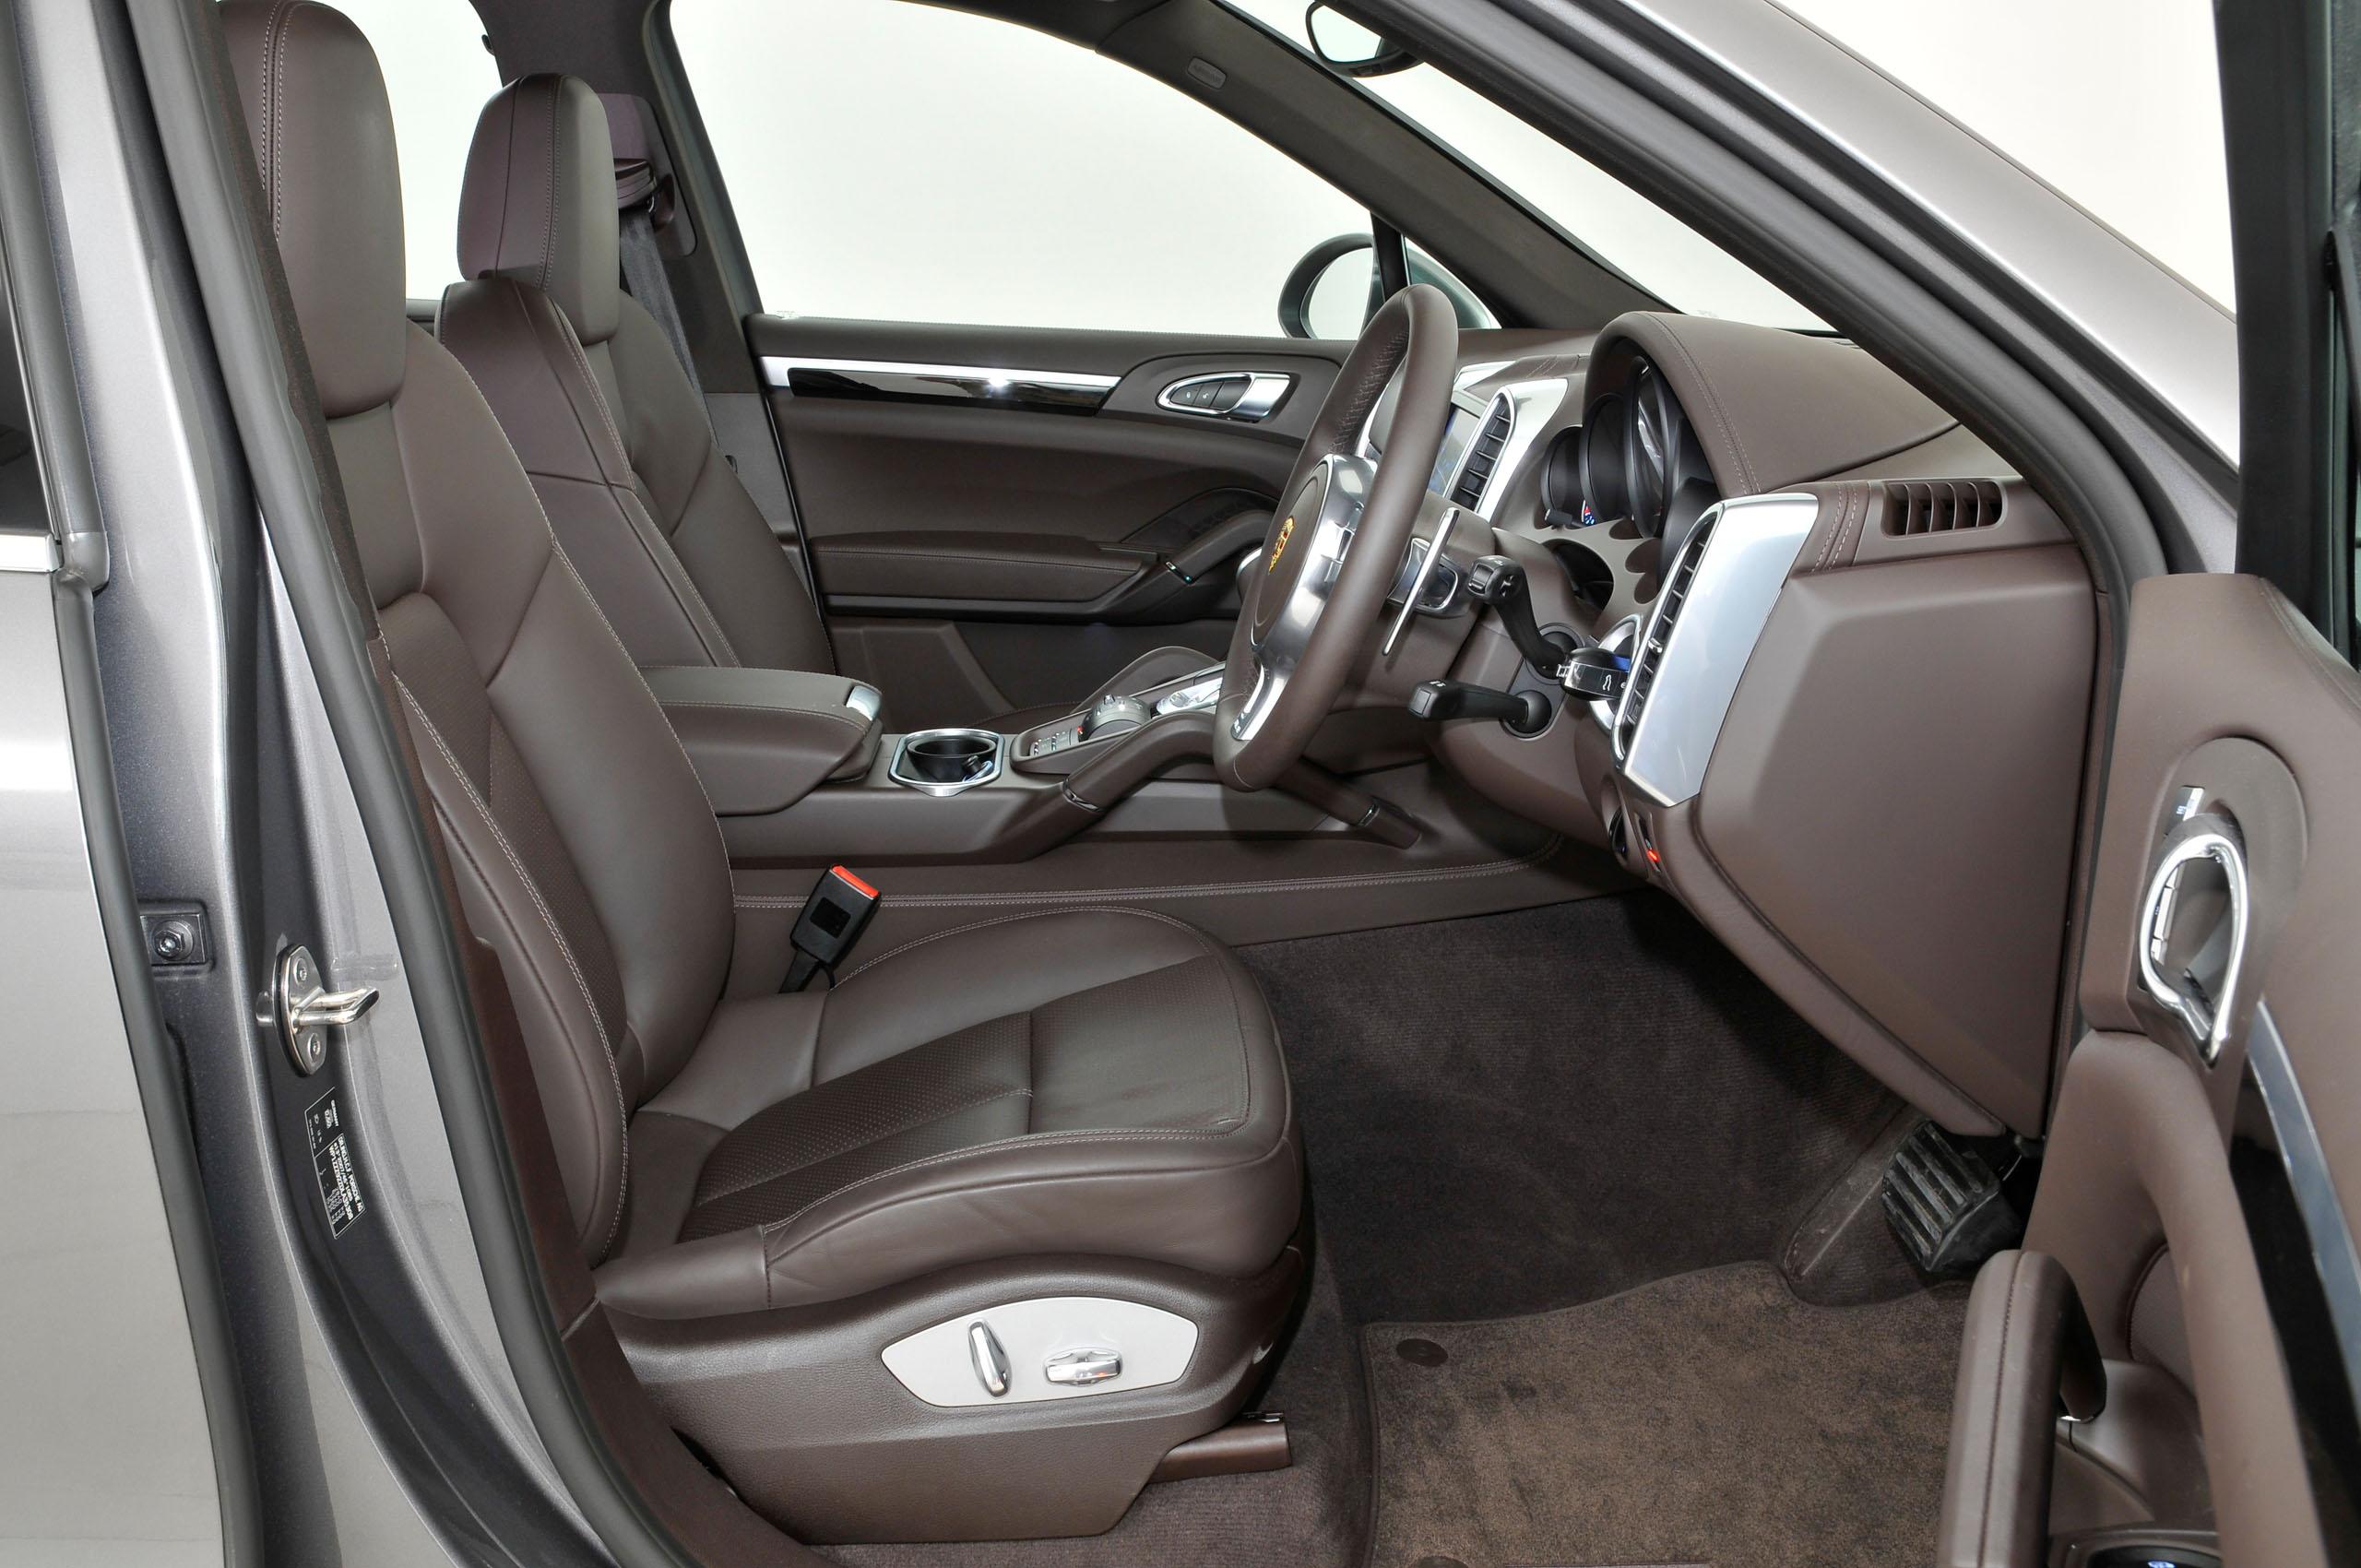 Porsche Cayenne 2010 2017 Interior Autocar